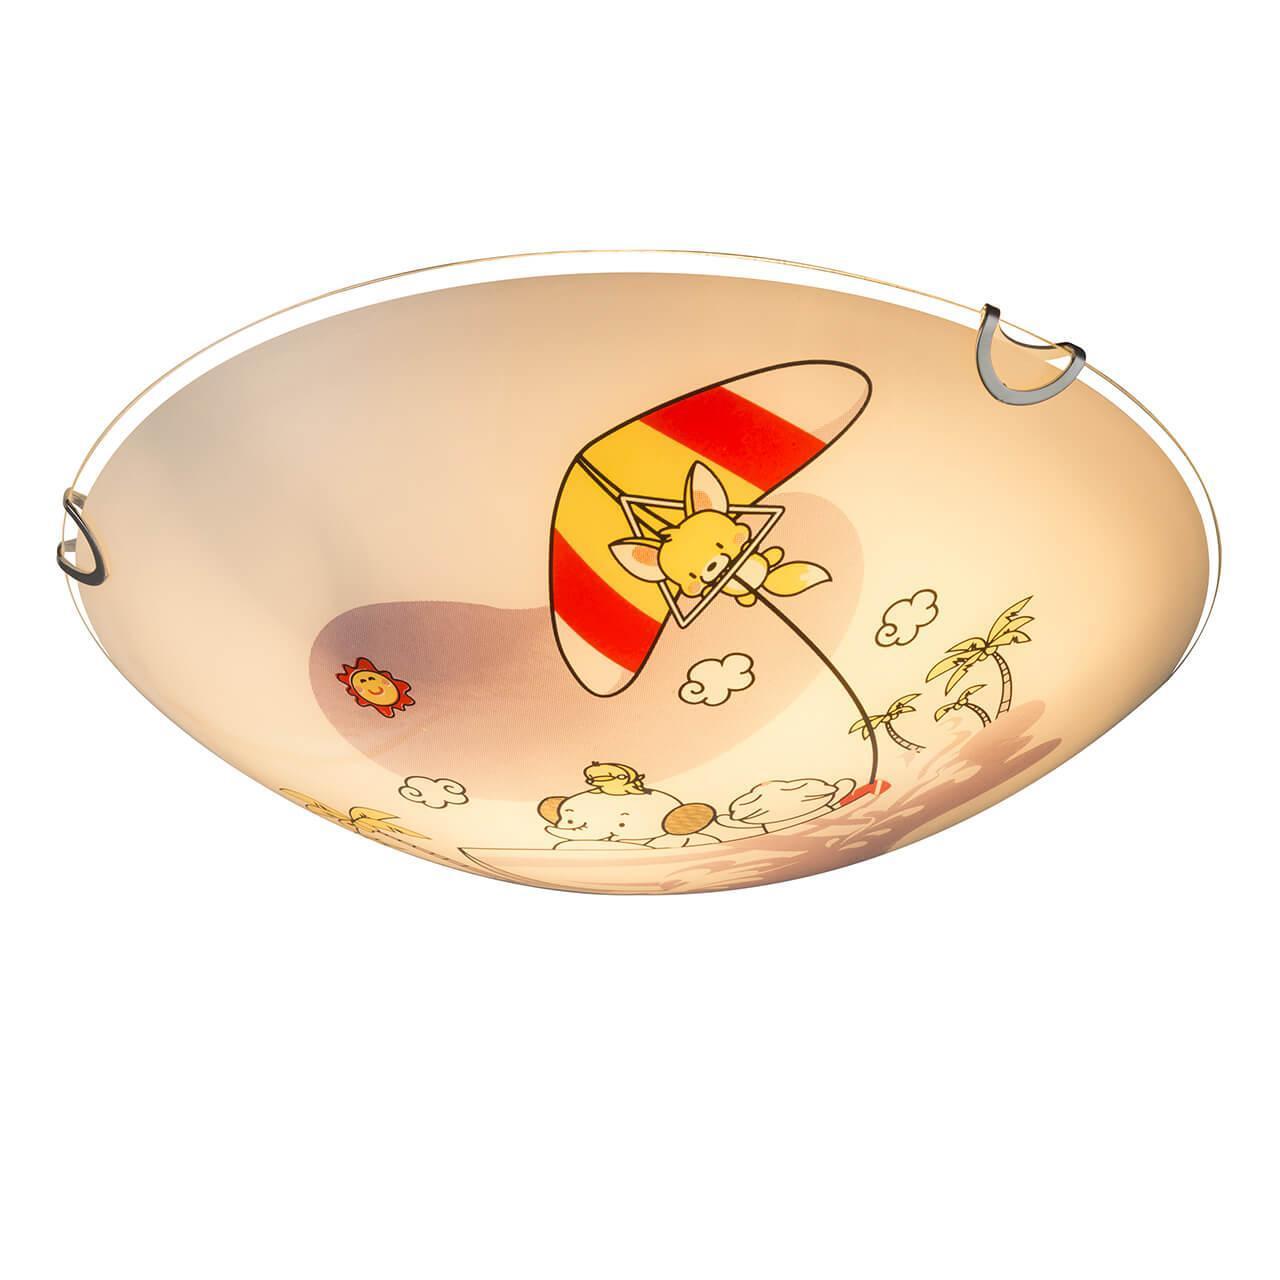 Настенно-потолочный светильник Globo 40608, E27, 60 Вт настенно потолочный светильник globo new 56223 3 серый металлик